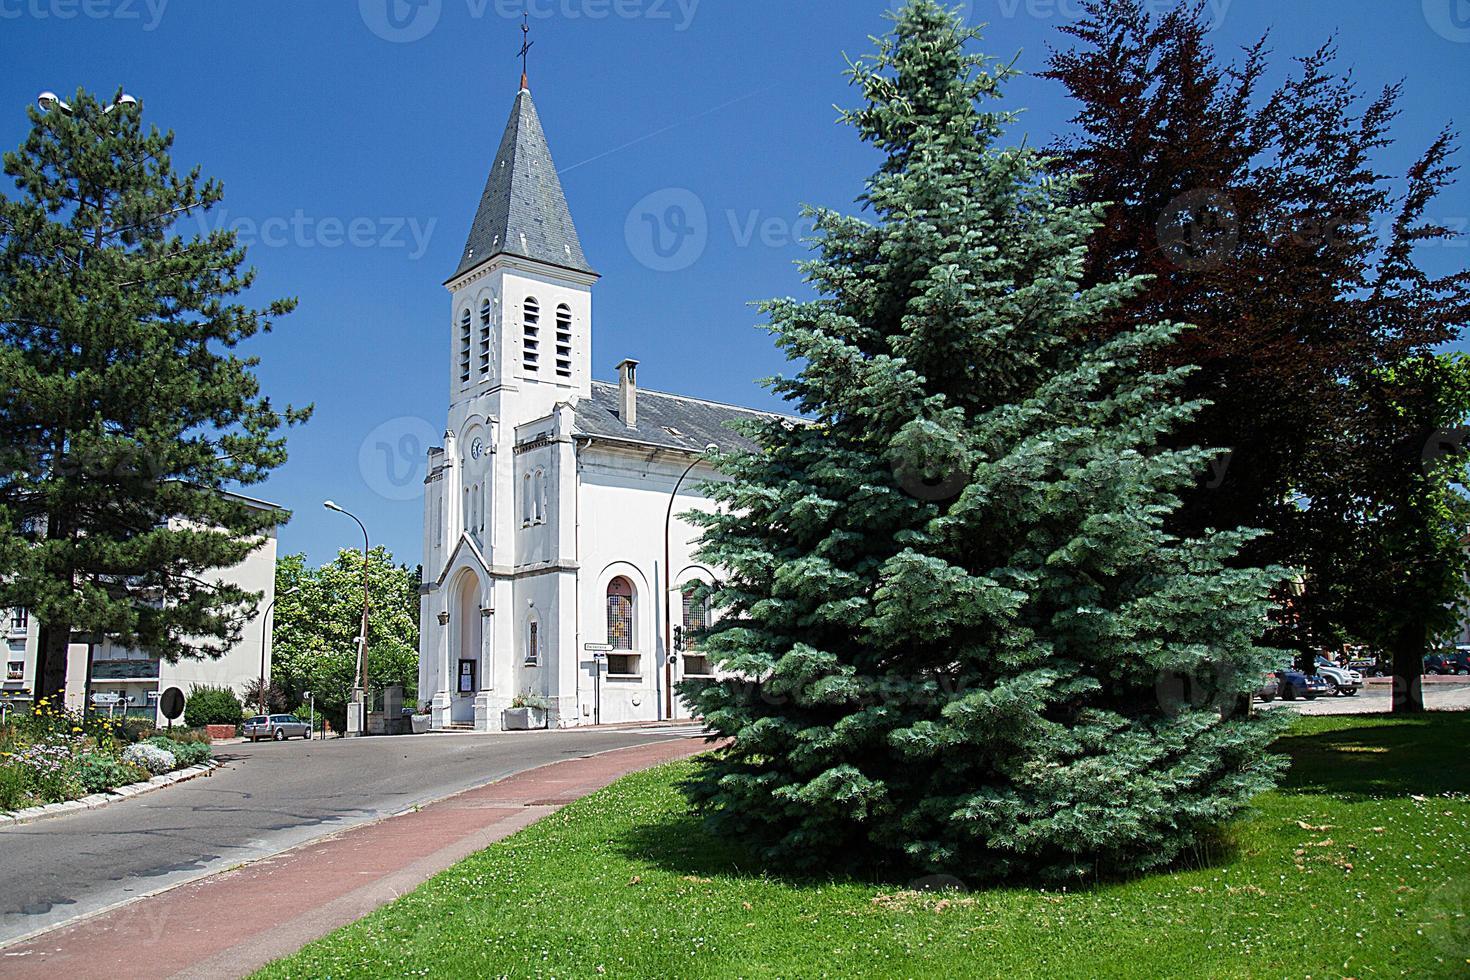 église du village photo